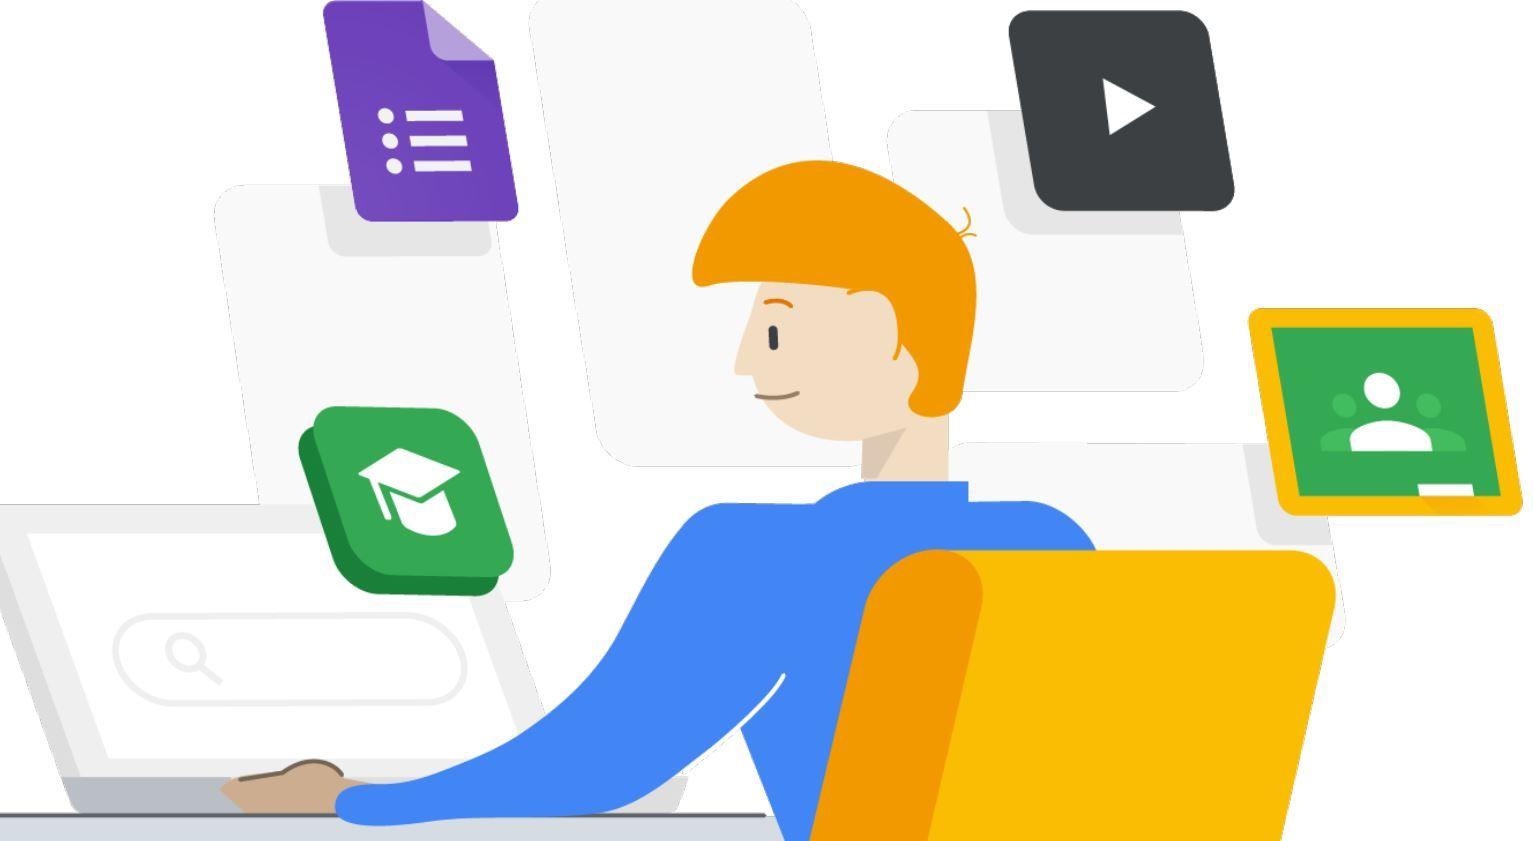 El servicio ha registrado a diario el uso de hasta 235 millones de participantes que pasan más de 7.500 millones de minutos en Meet